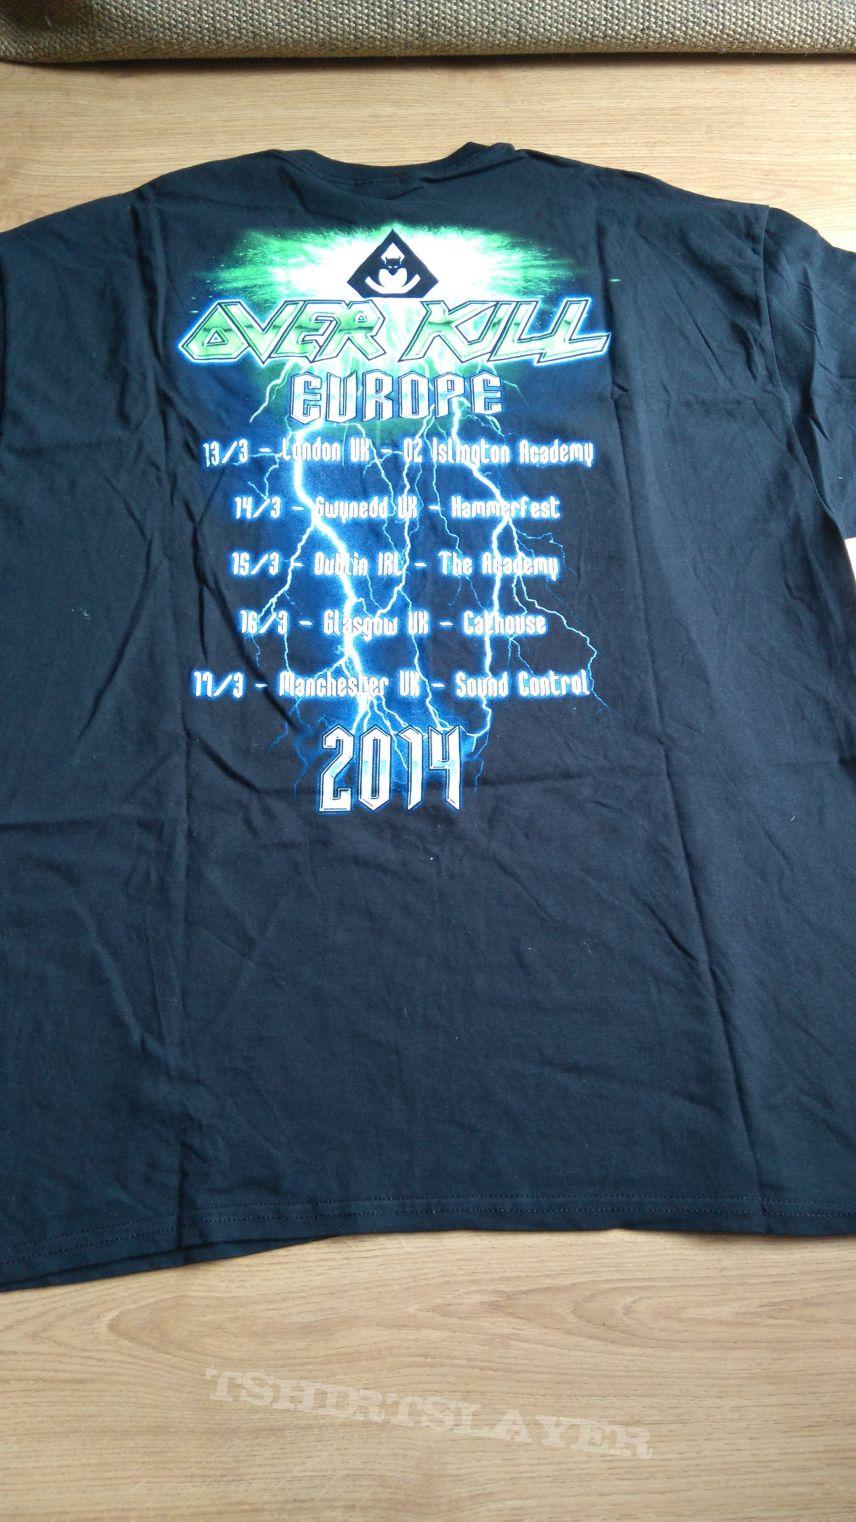 Overkill European Tuor 2014 Official Tshirt